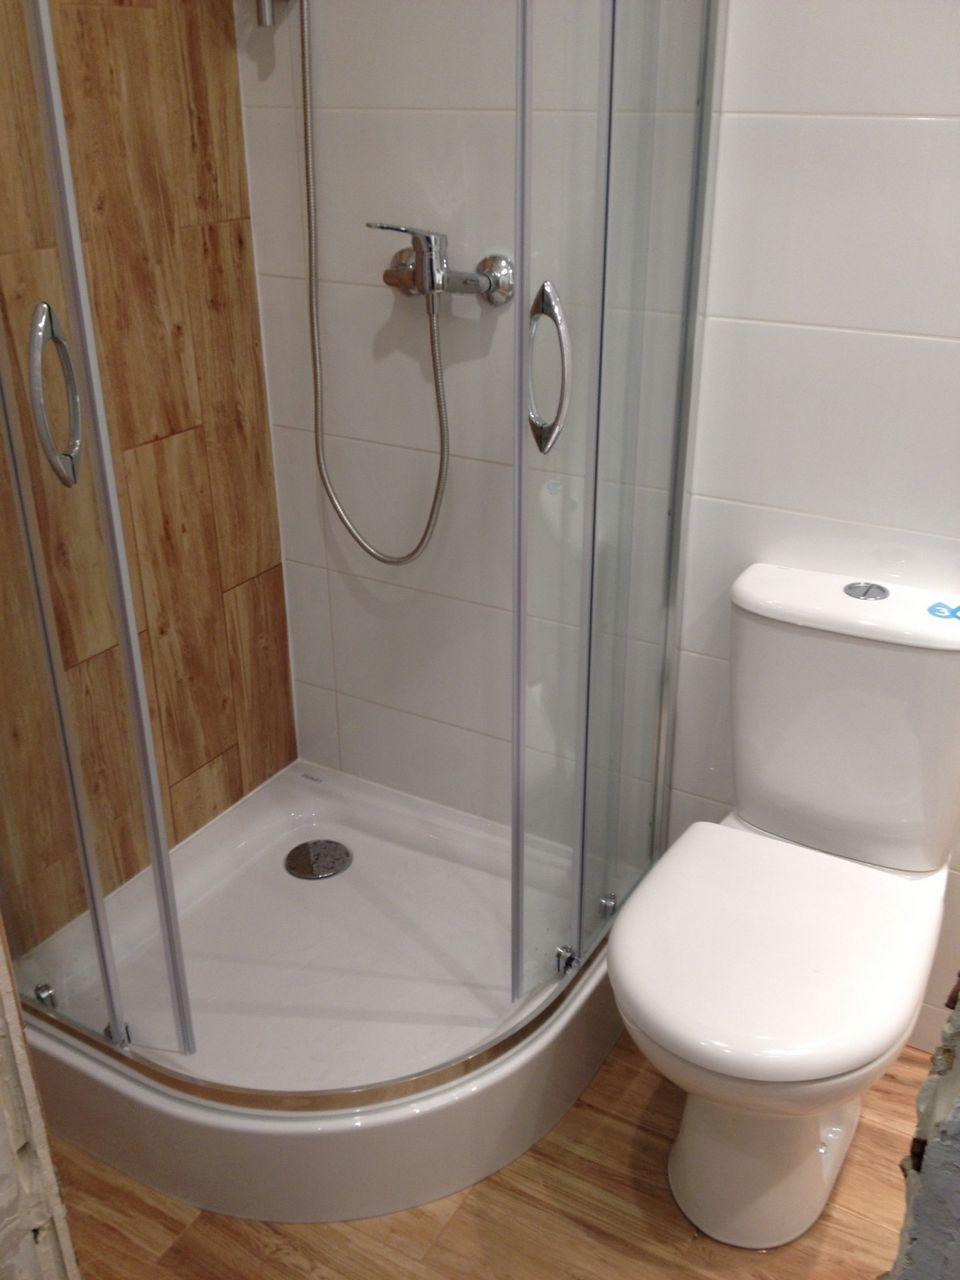 Remont łazienki Remont Małej łazienki Remont łazienki W Bloku